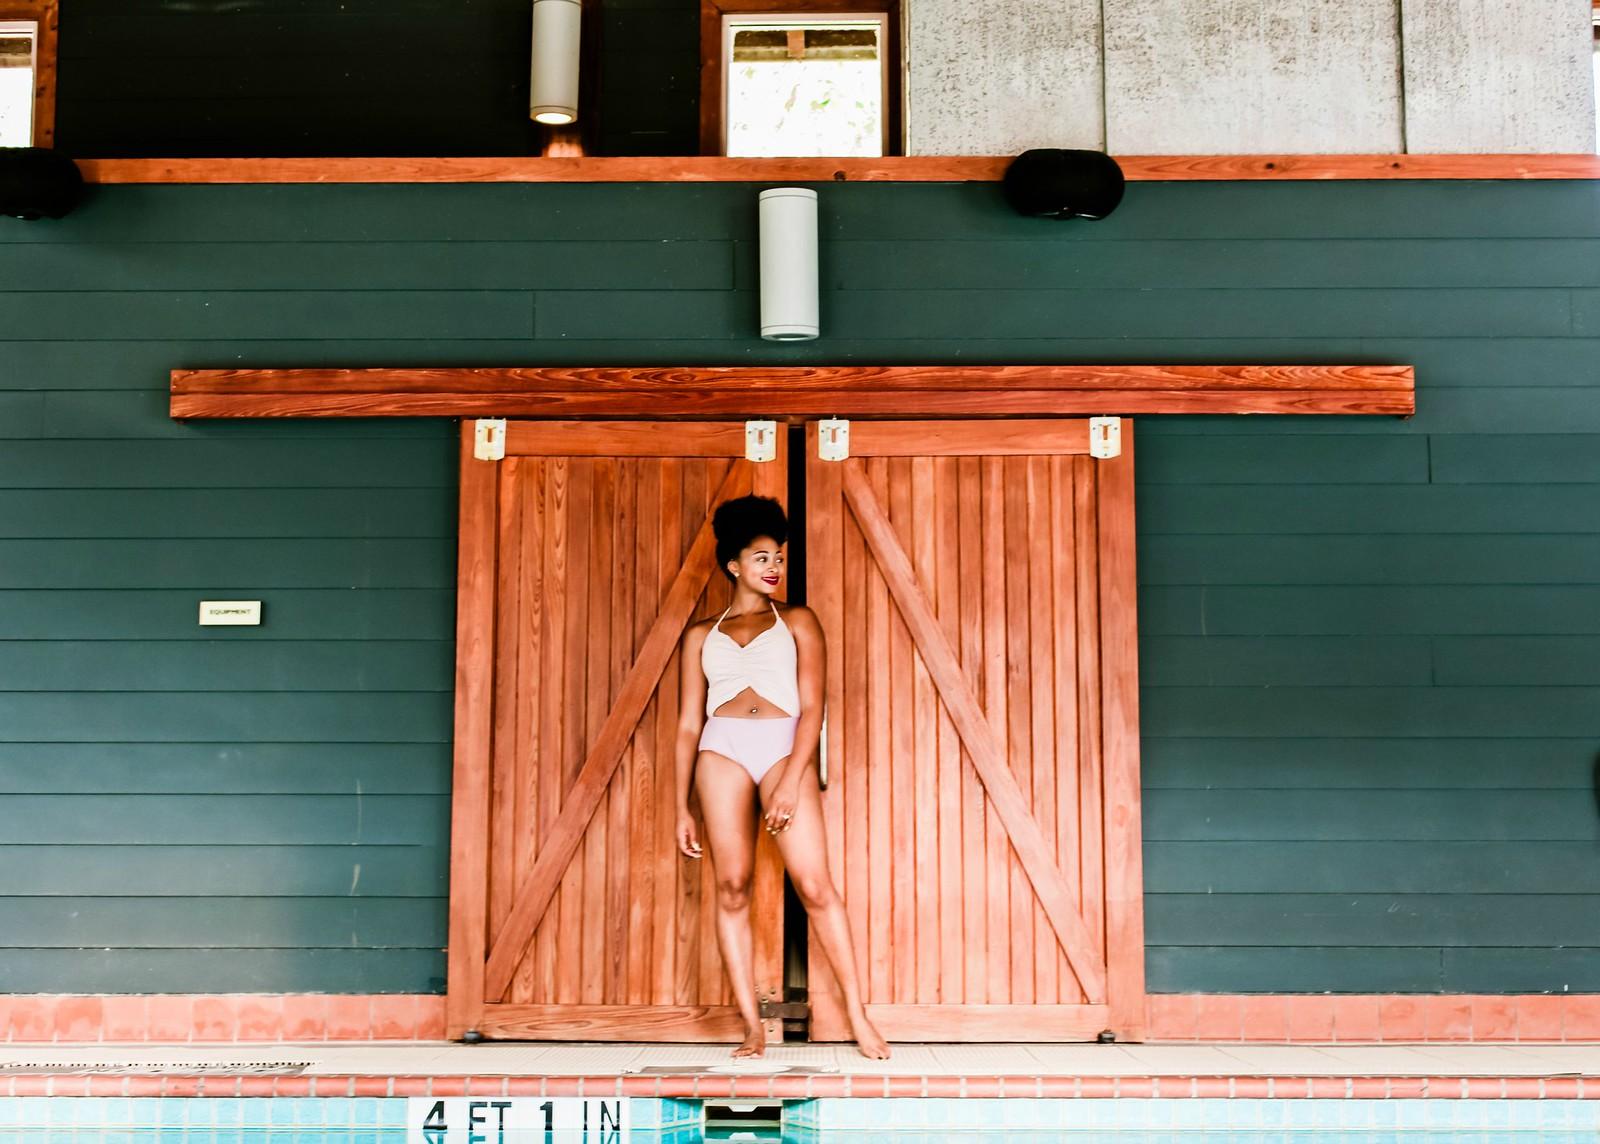 lake austin spa resort outfits, the beauty beau